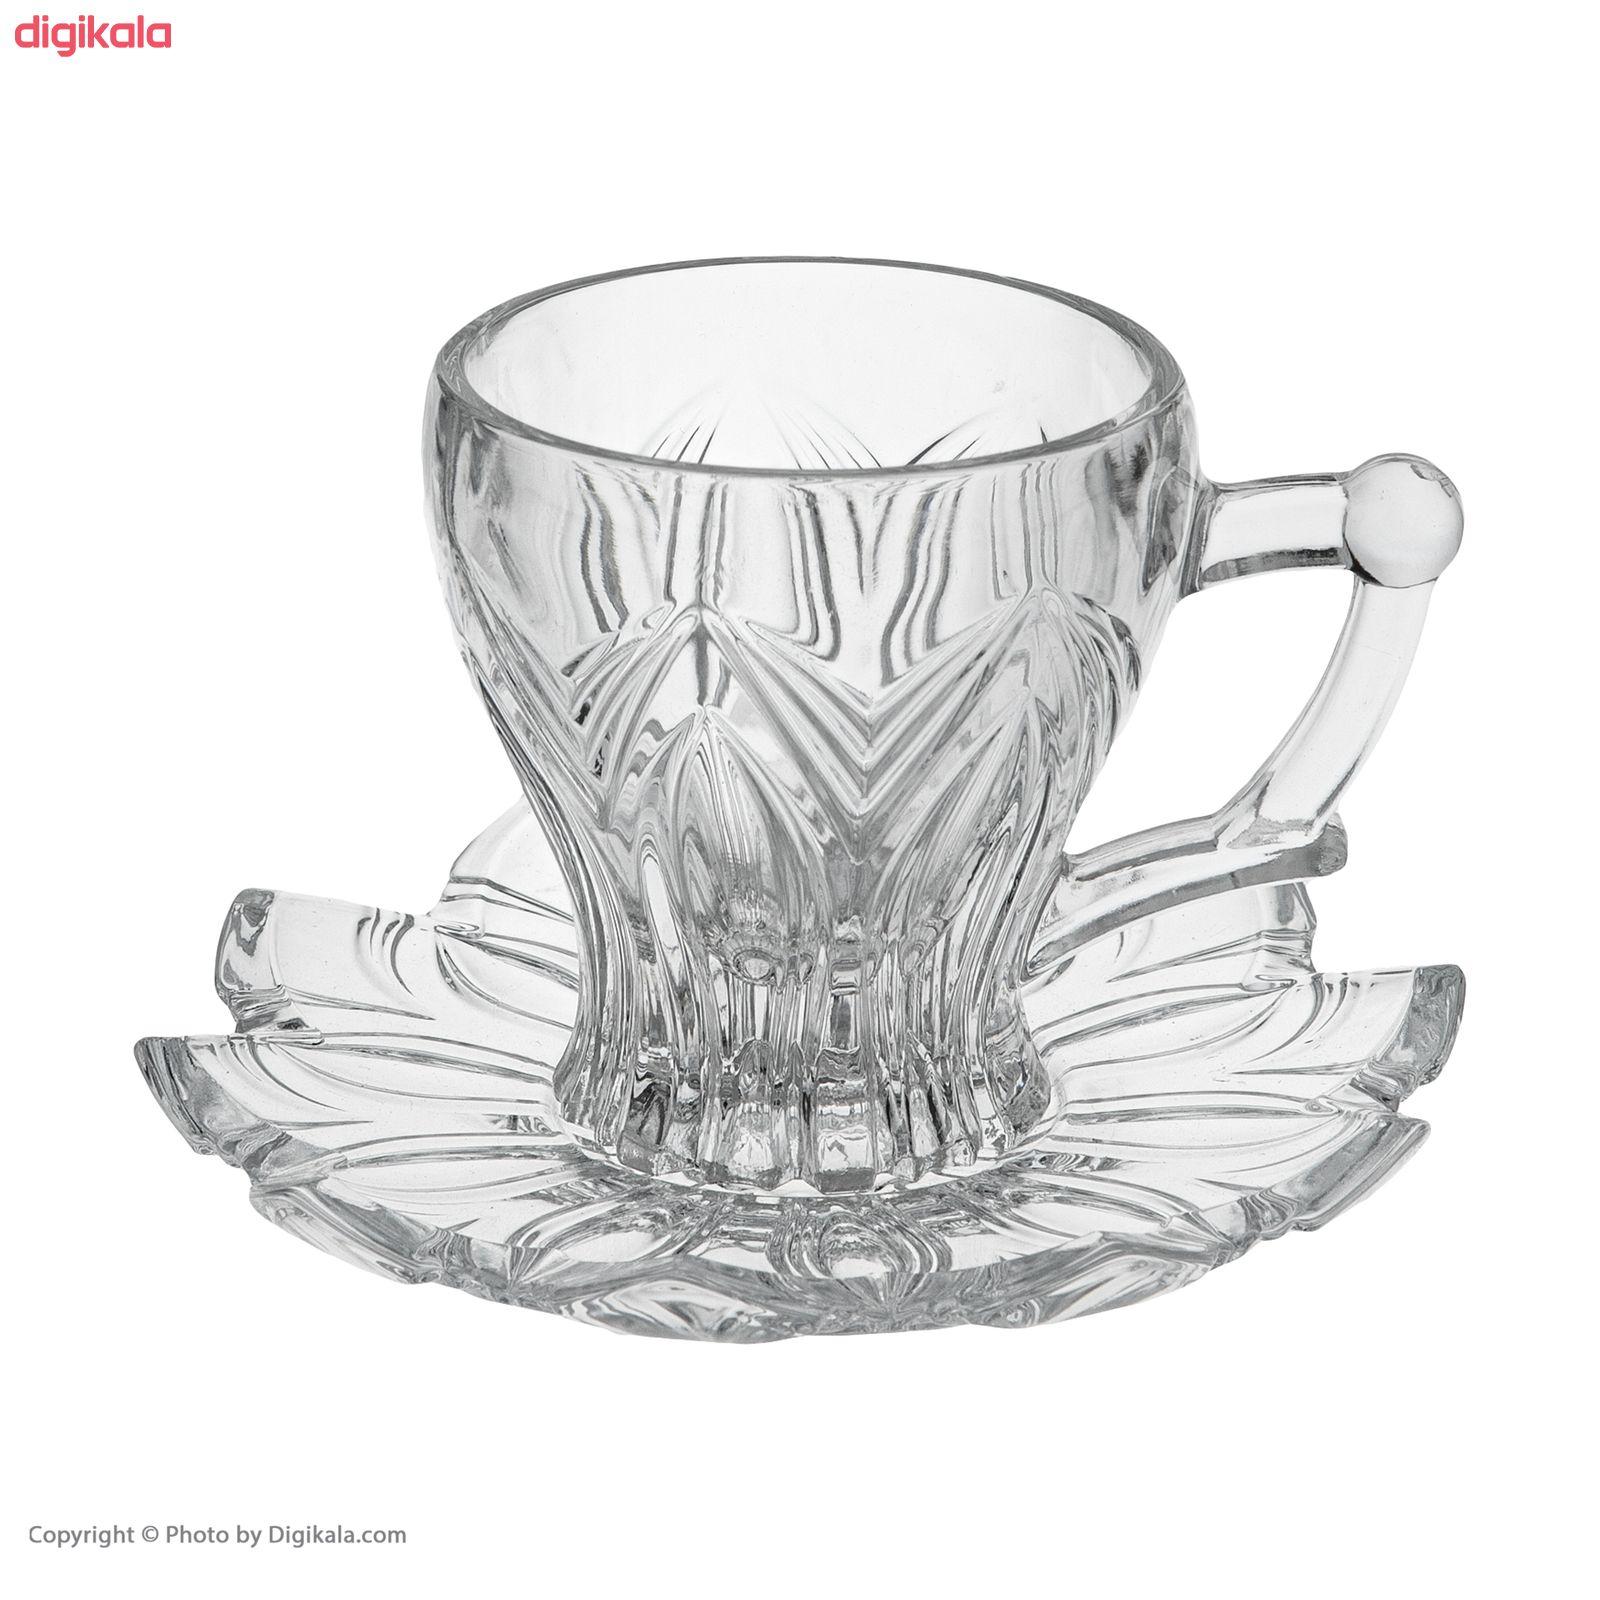 سرویس چای خوری 14 پارچه ساکورا مدل ویلا کد 572102W main 1 12